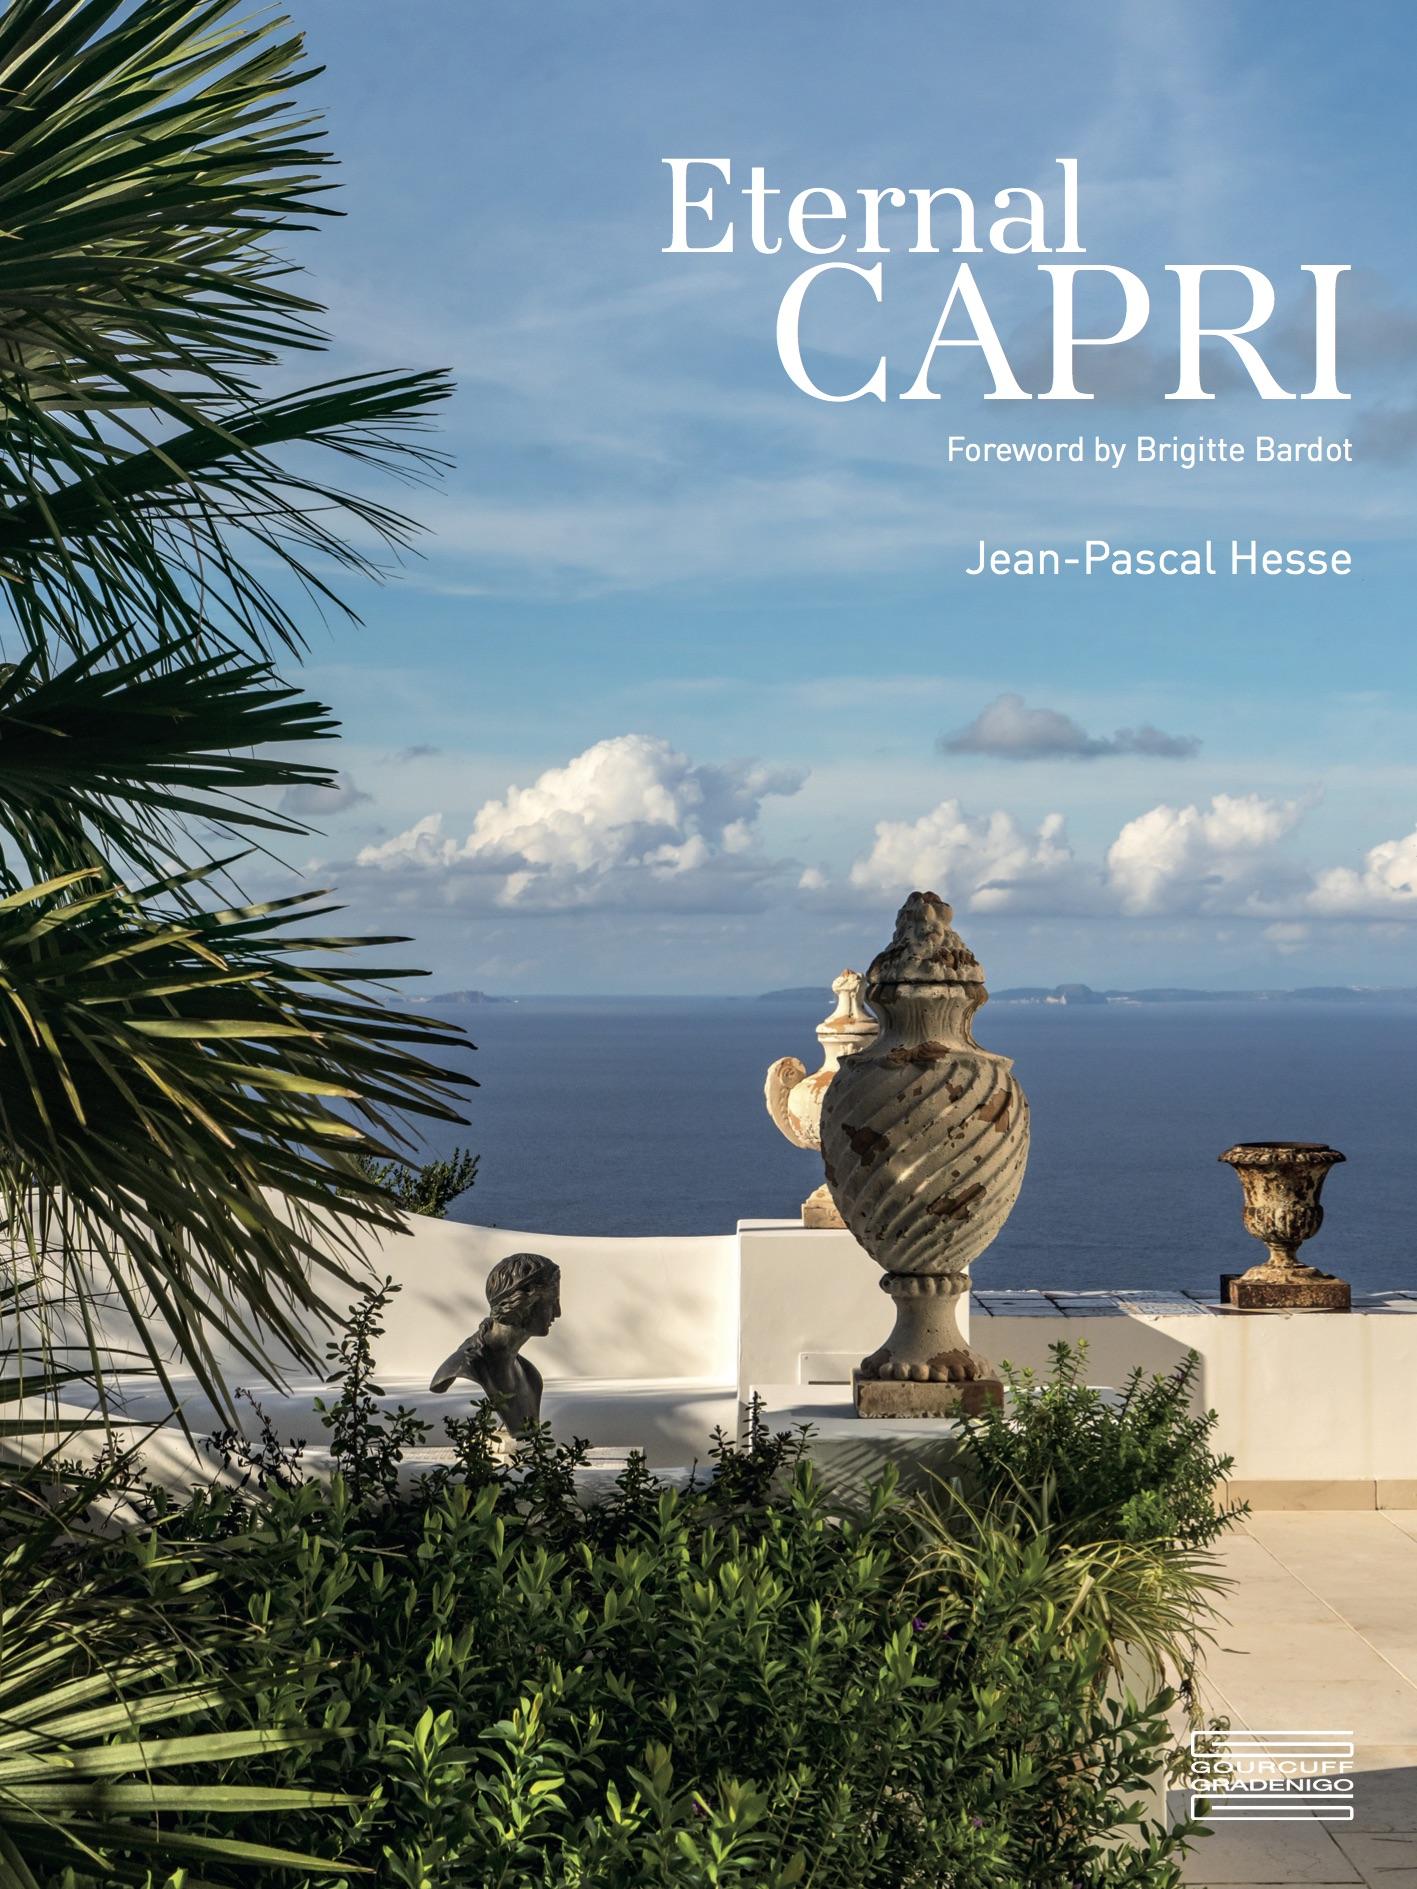 'Eternal Capri' by Jean-Pascal Hesse.